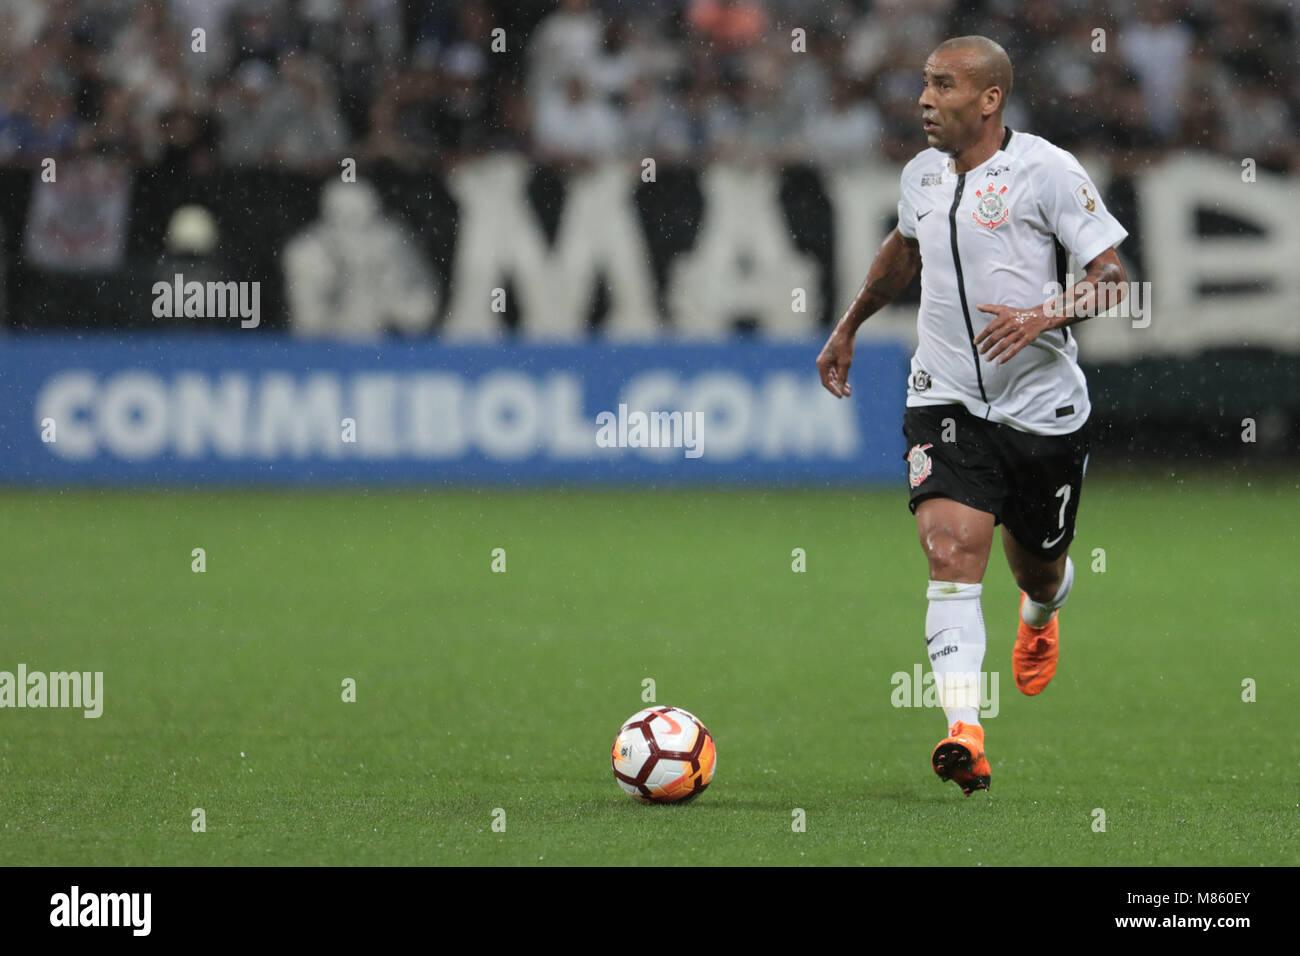 Sao Paulo Sp  Corinthians X Deportivo Lara Emerson Sheik